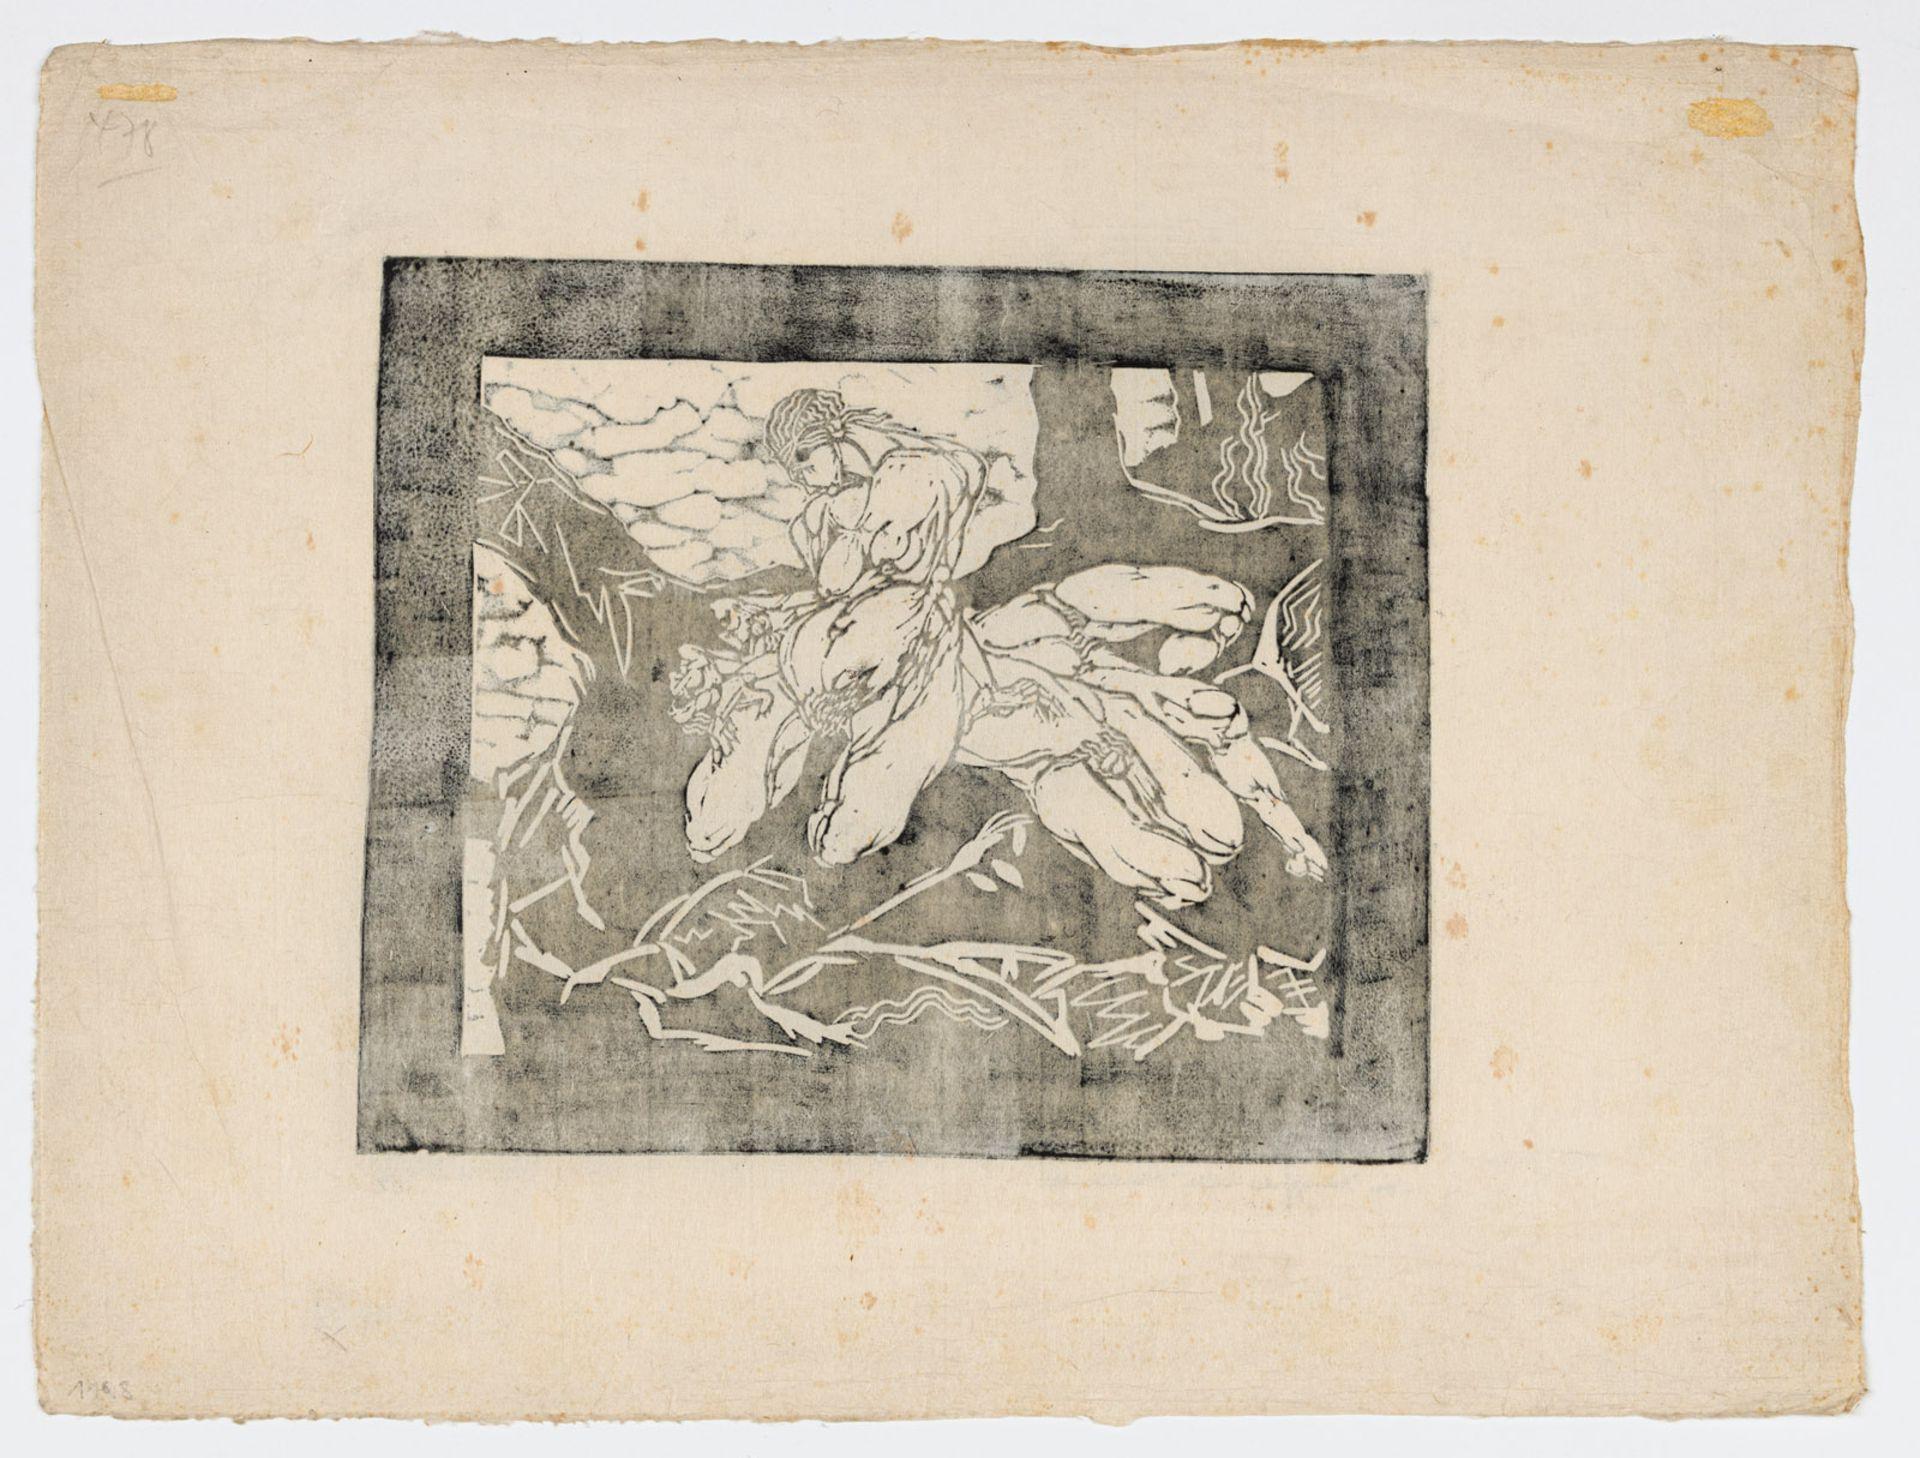 Ehmsen, Heinrich - Image 3 of 6